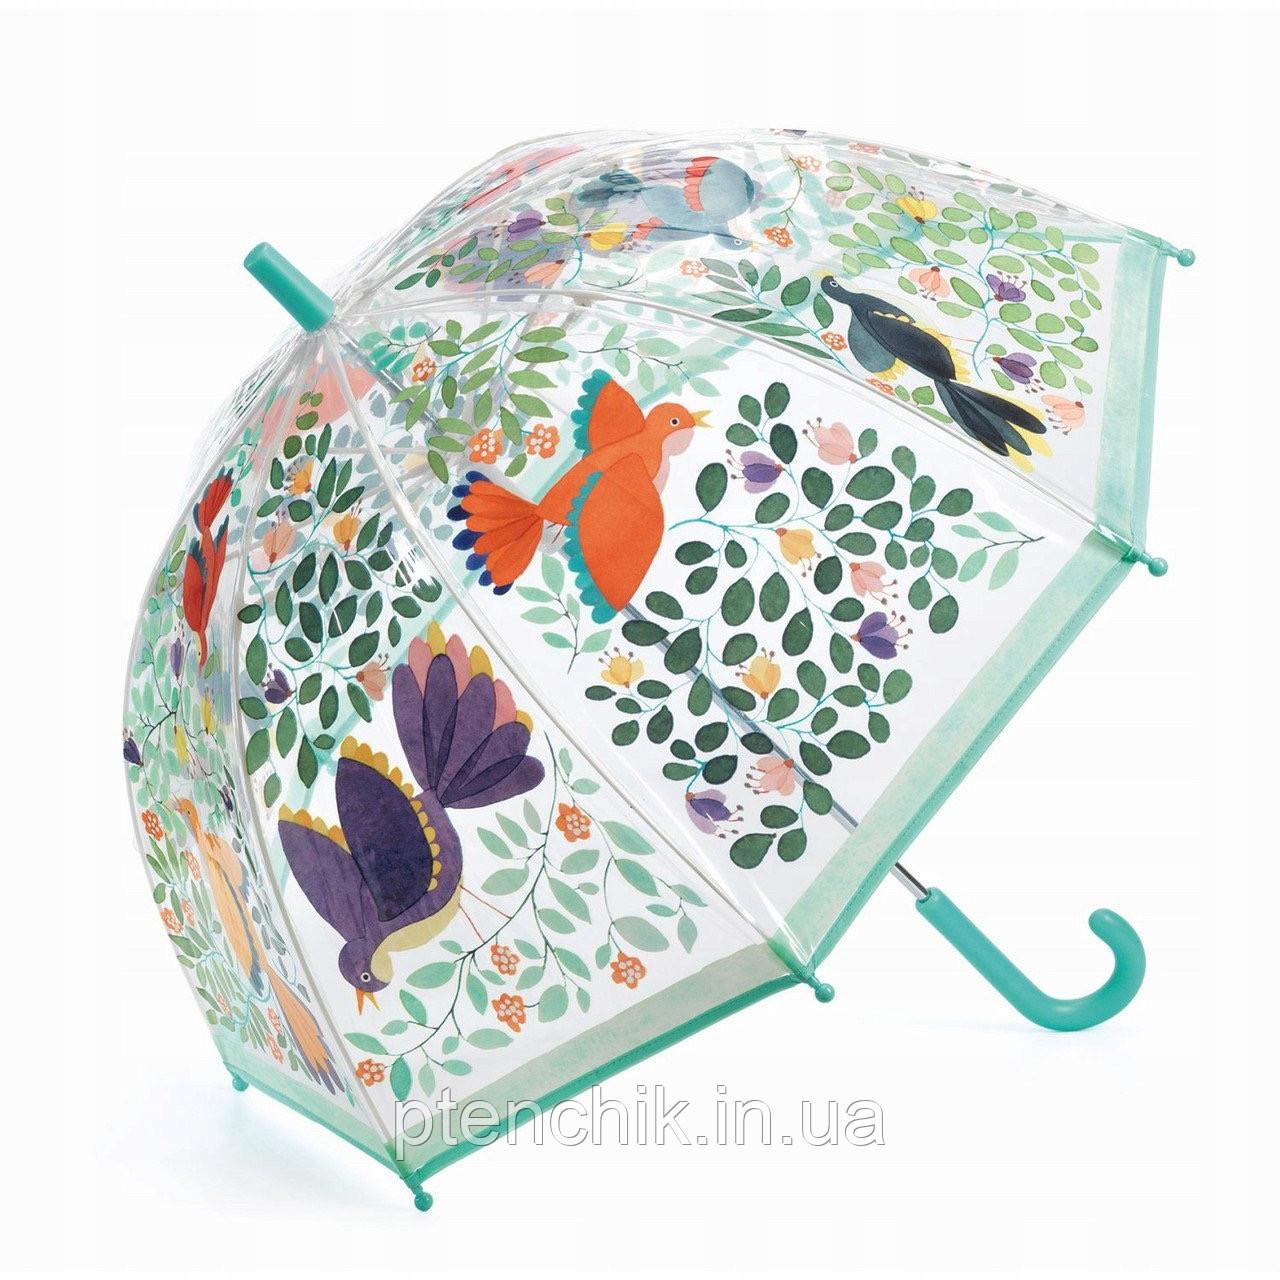 Зонт прозорий Квіти і птахи Djeco